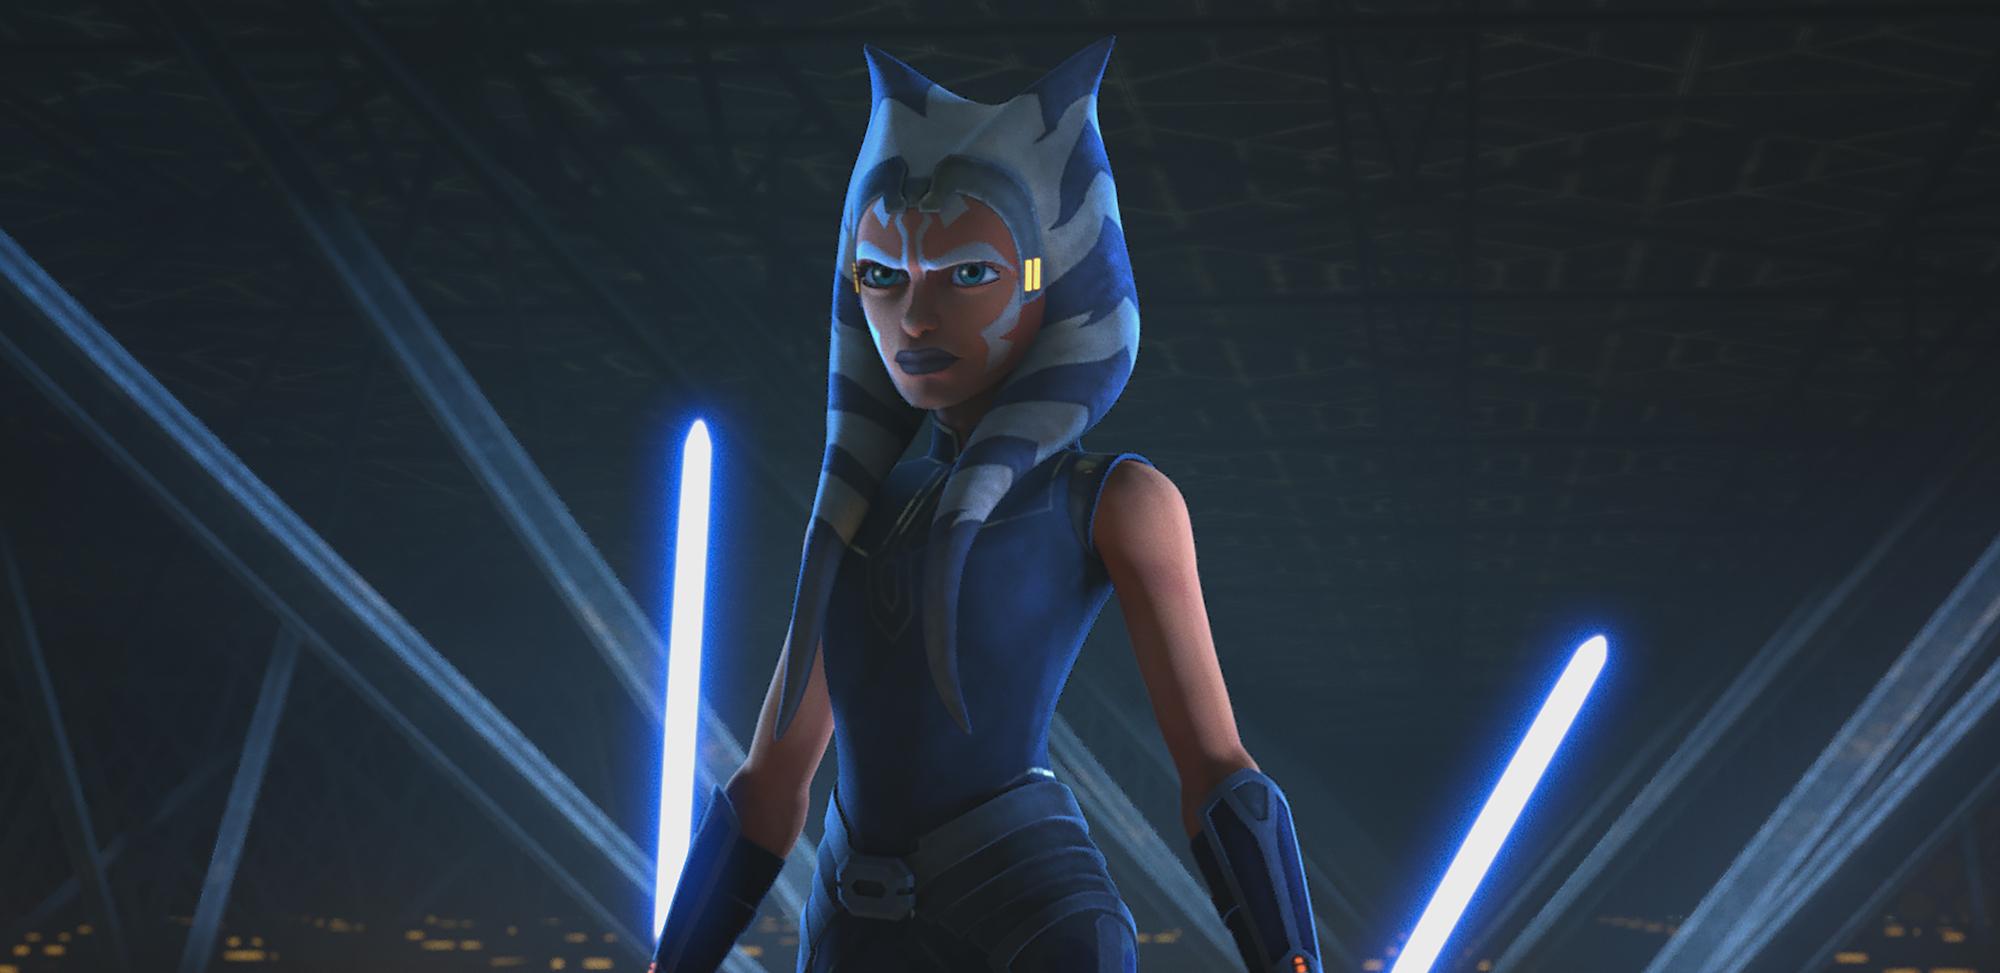 Ahsoka Tano in Season 7 in 'Star Wars: The Clone Wars'